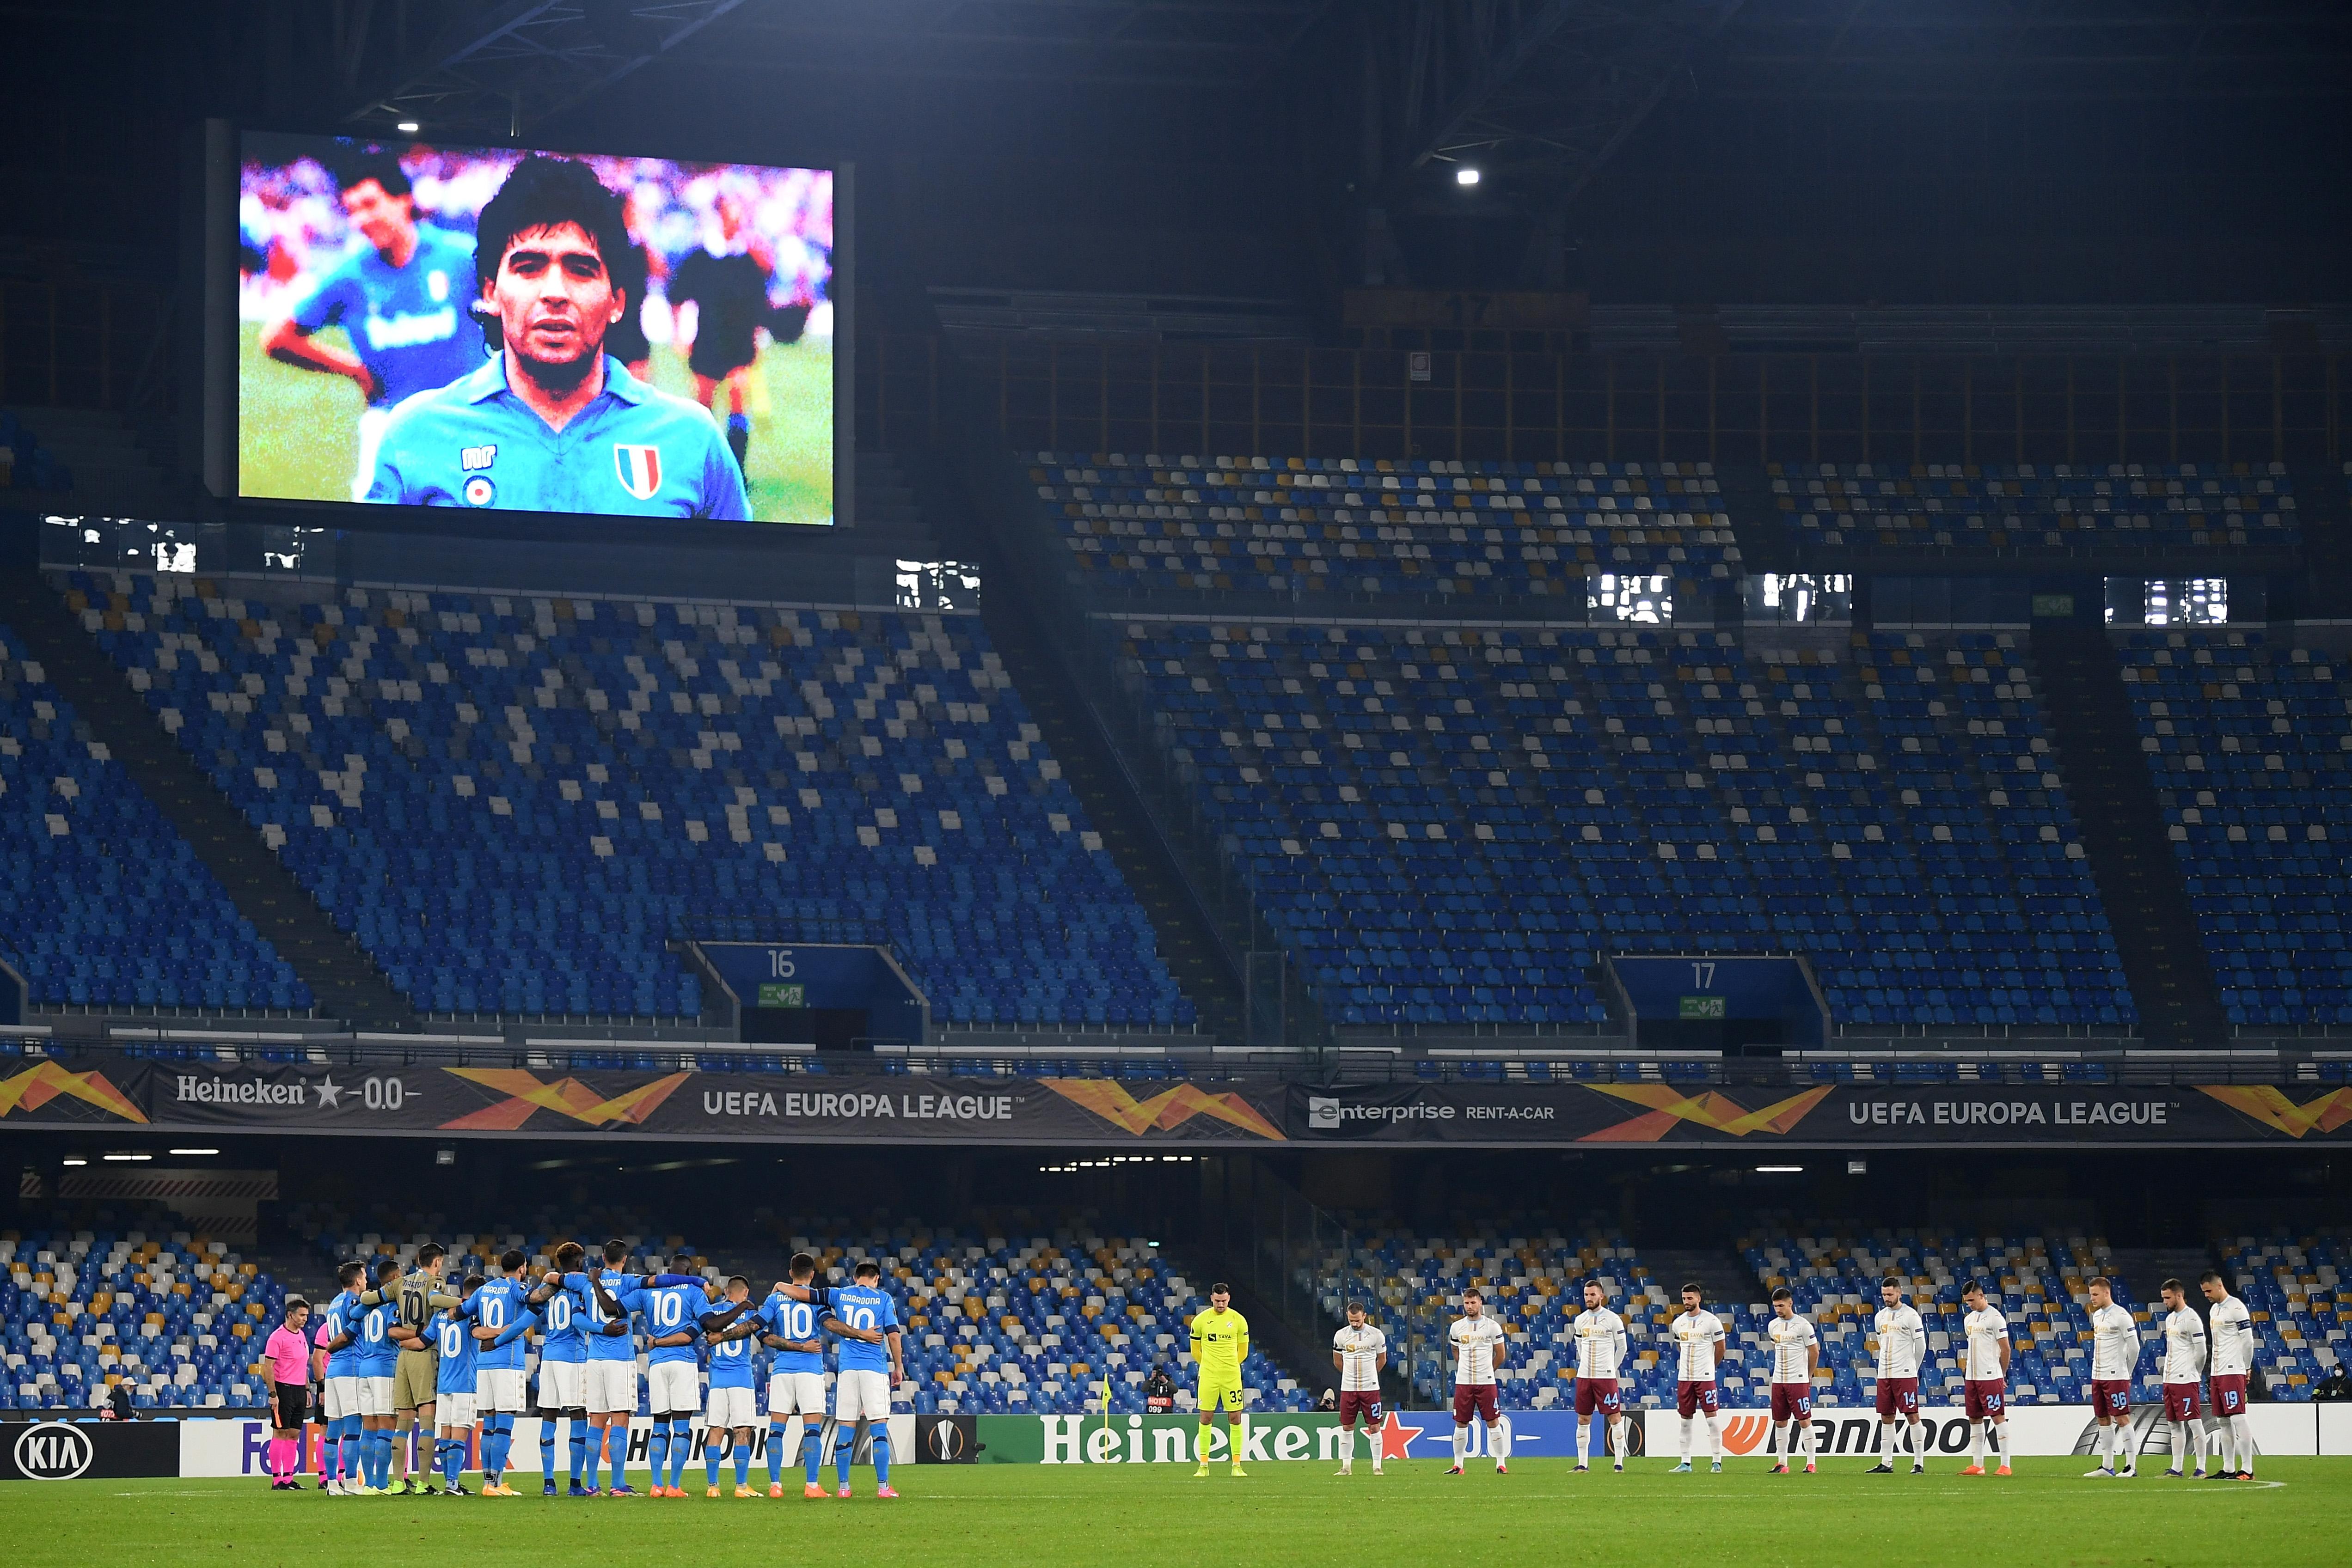 Отборът на почете паметта на легендата на клуба и световния